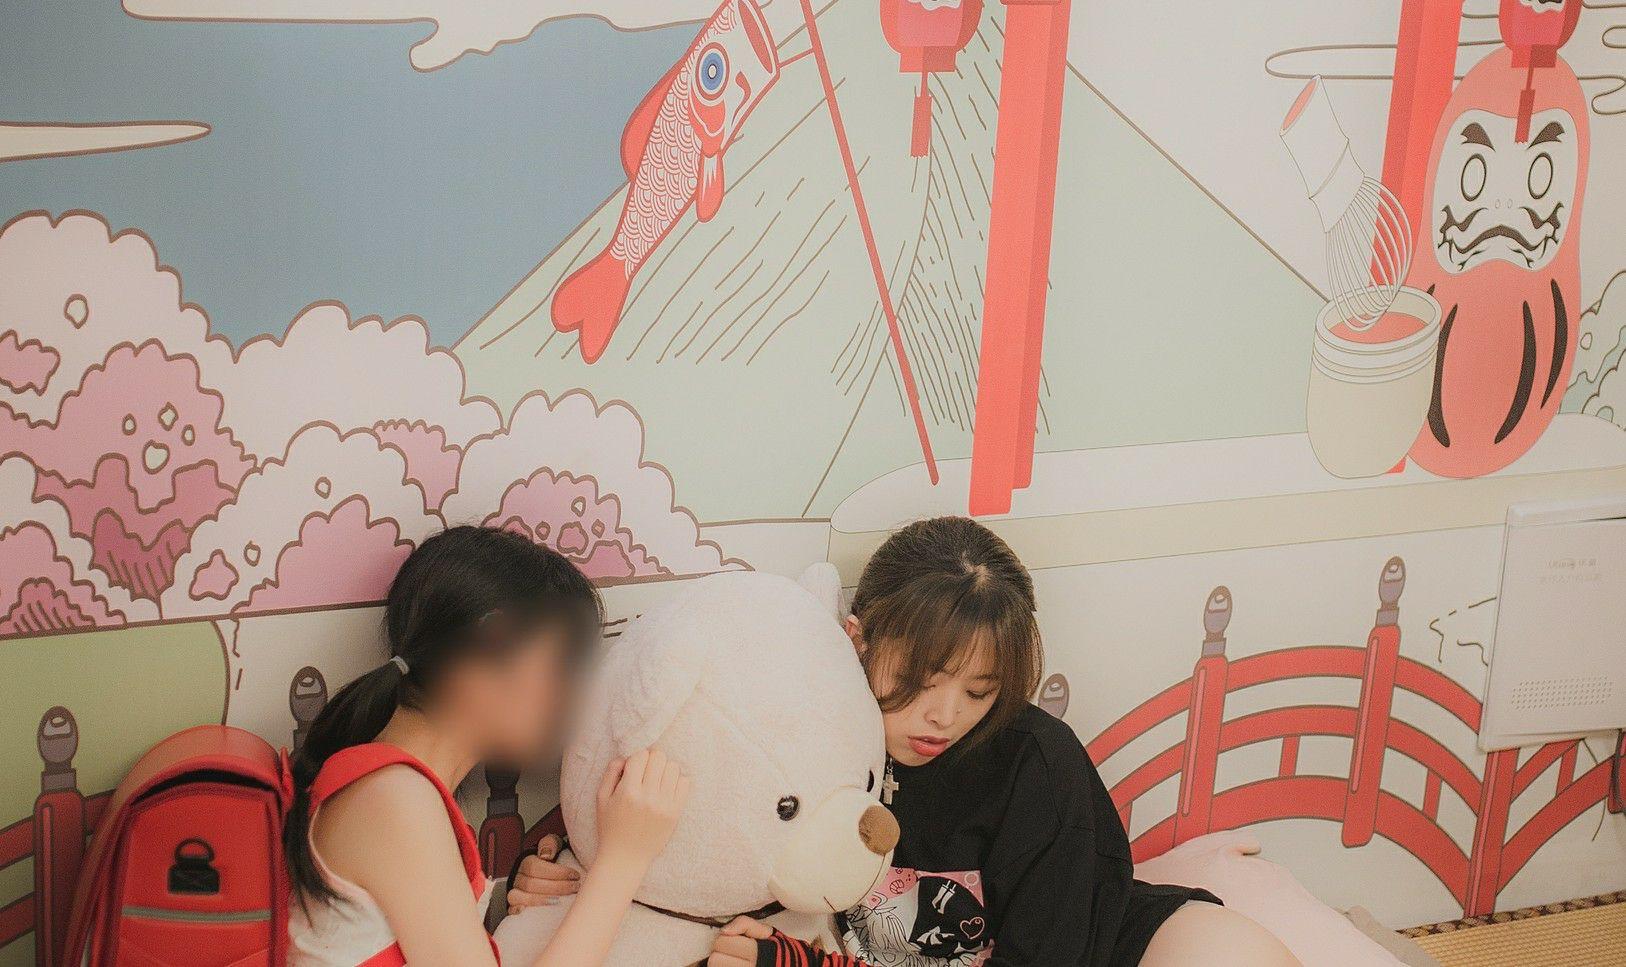 柚木写真x杪夏 - 過激な姉妹H行爲